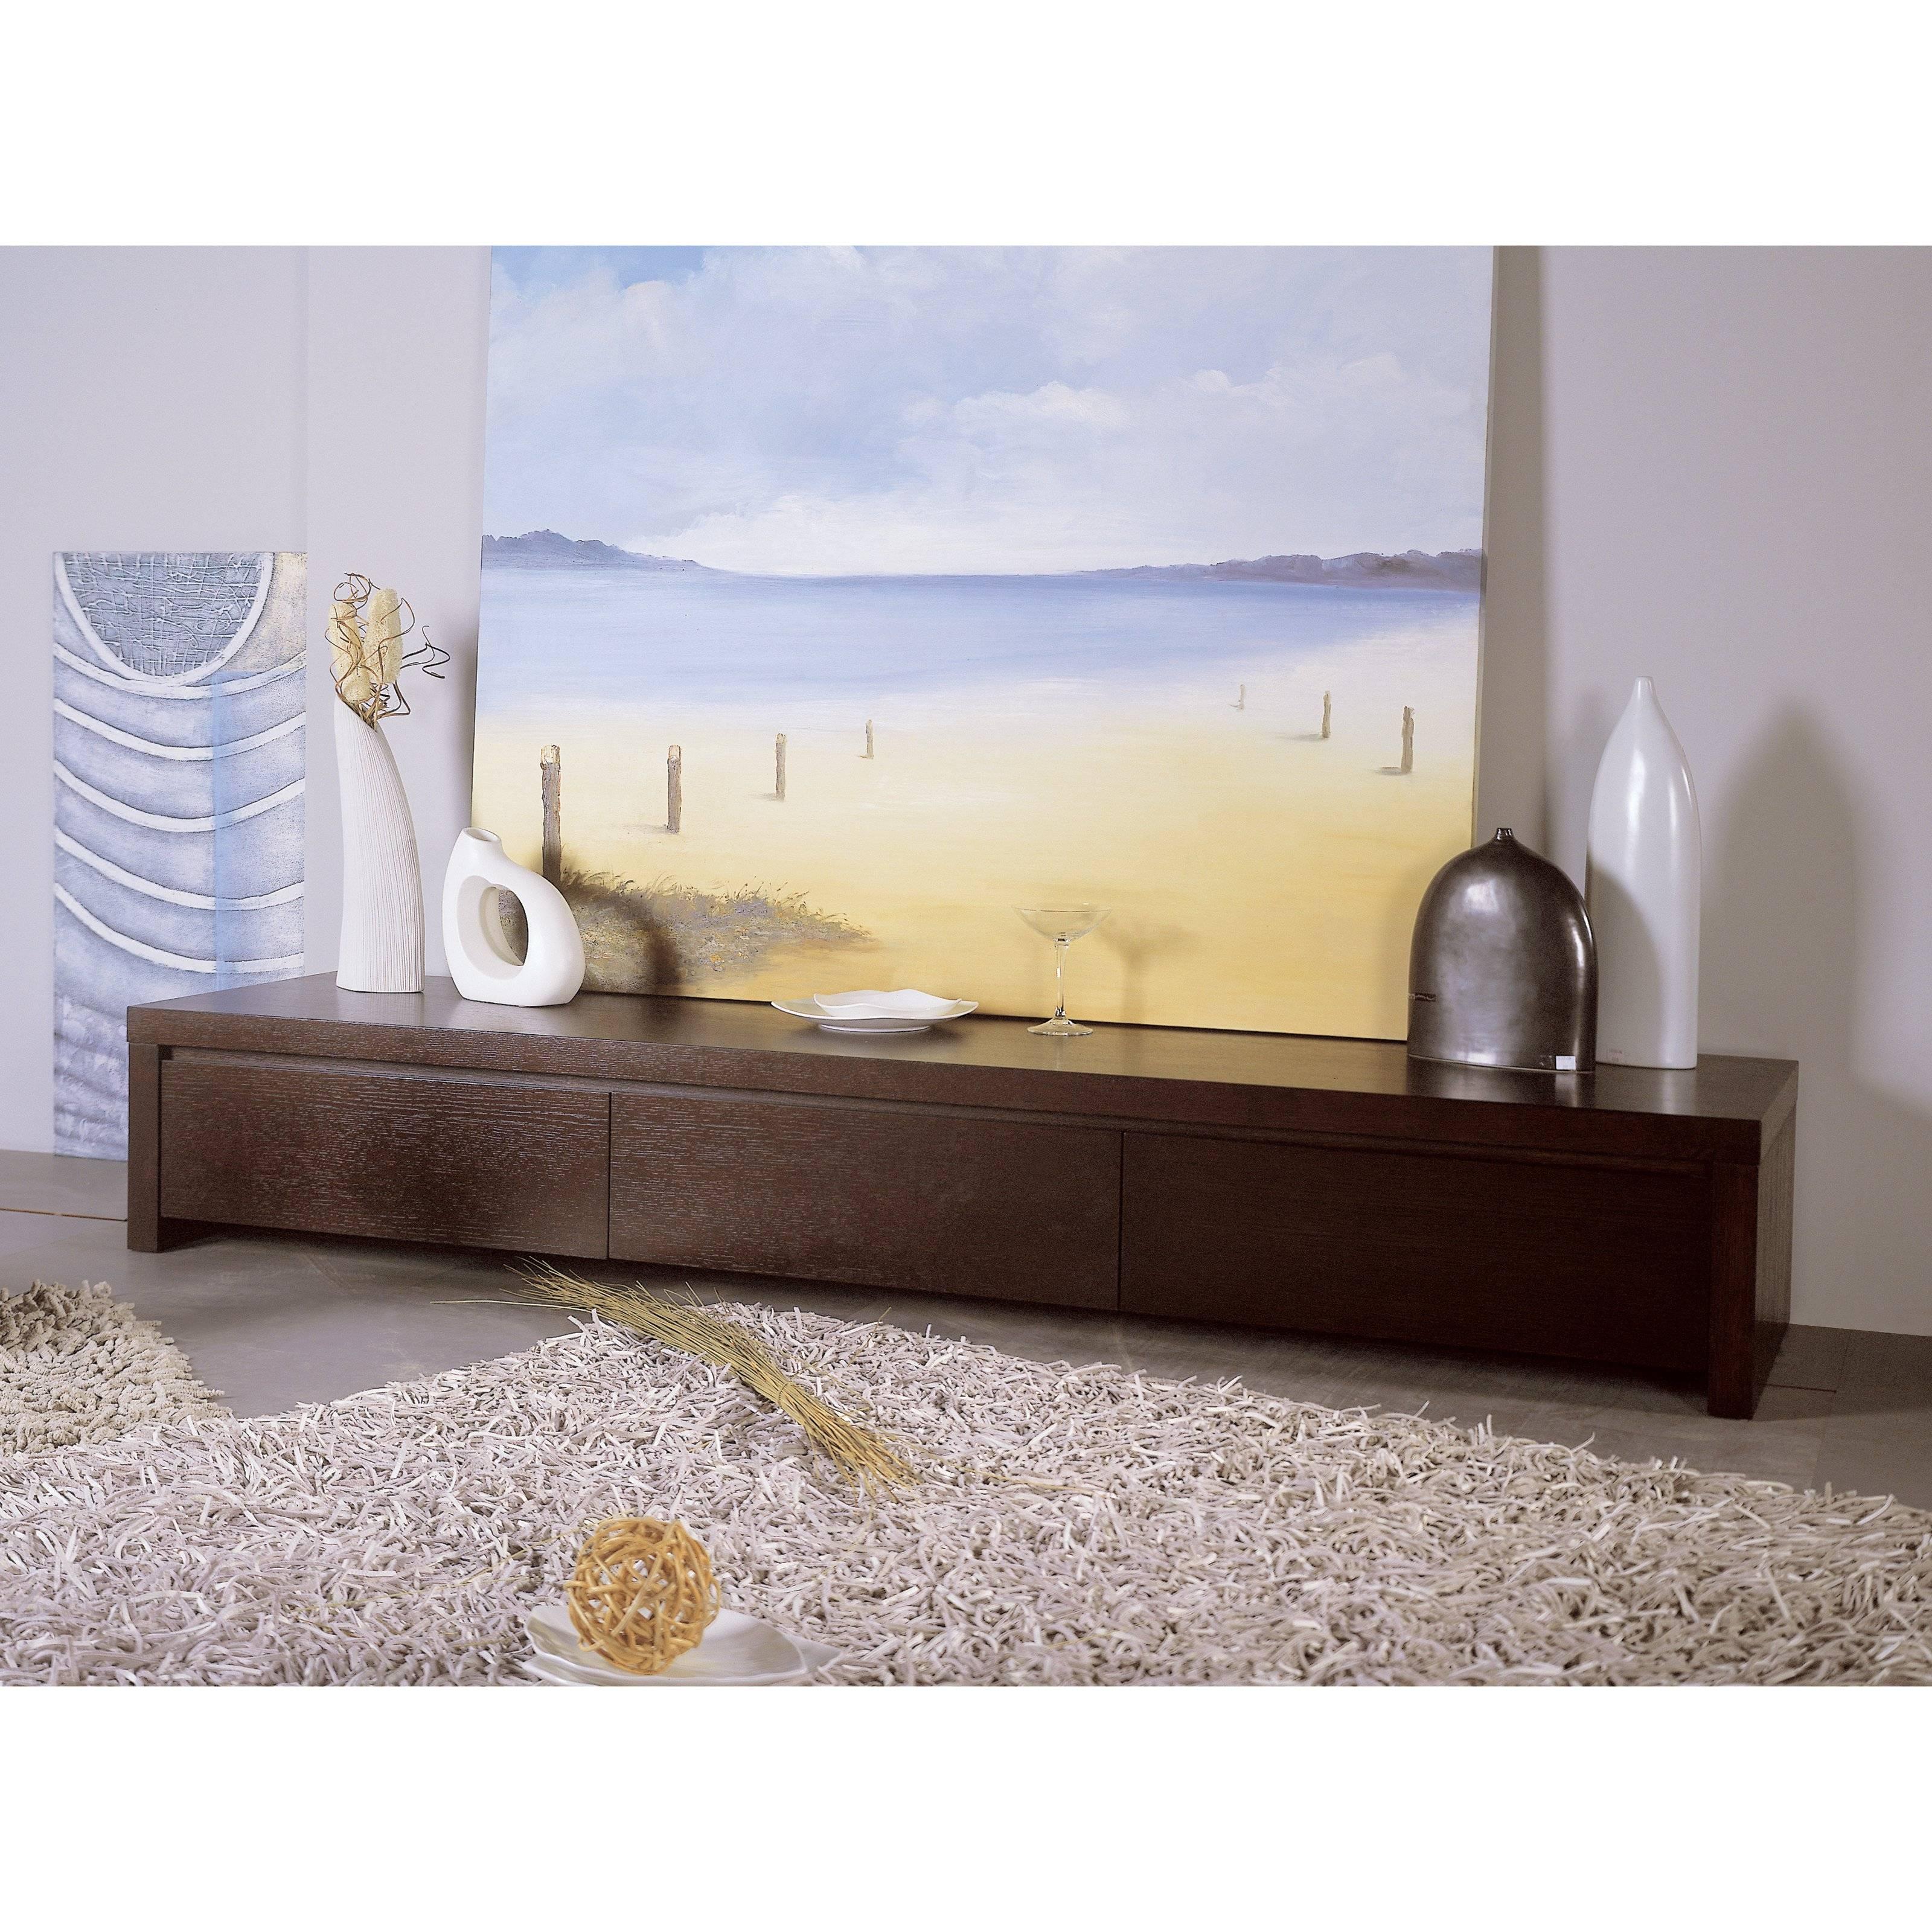 Slender Tv Stand - Oak | Hayneedle inside Wenge Tv Cabinets (Image 7 of 15)